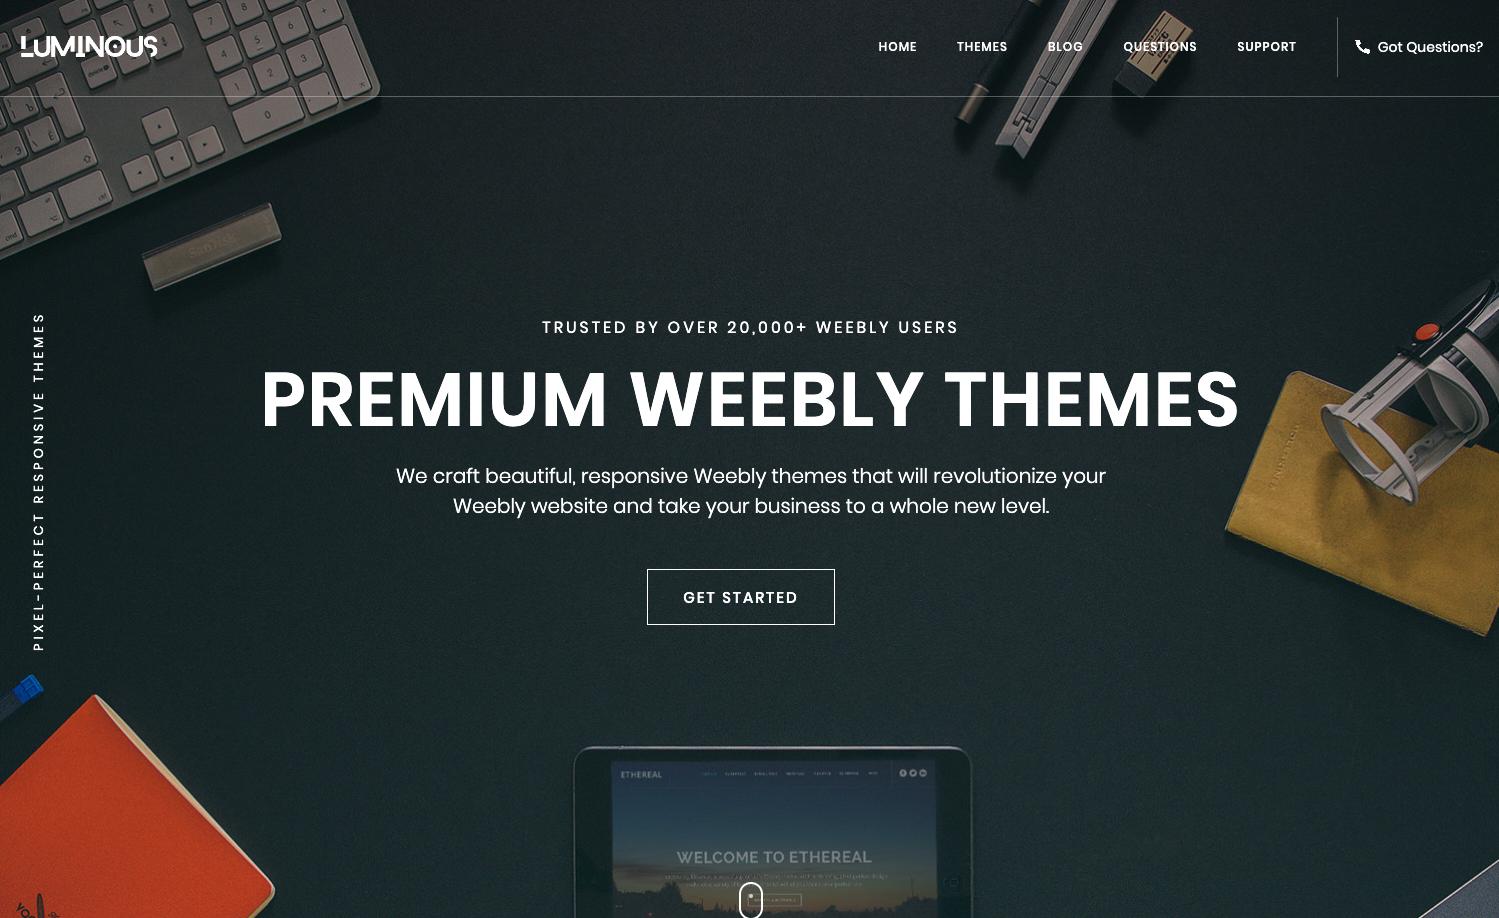 Homepage screenshot of Luminous Themes